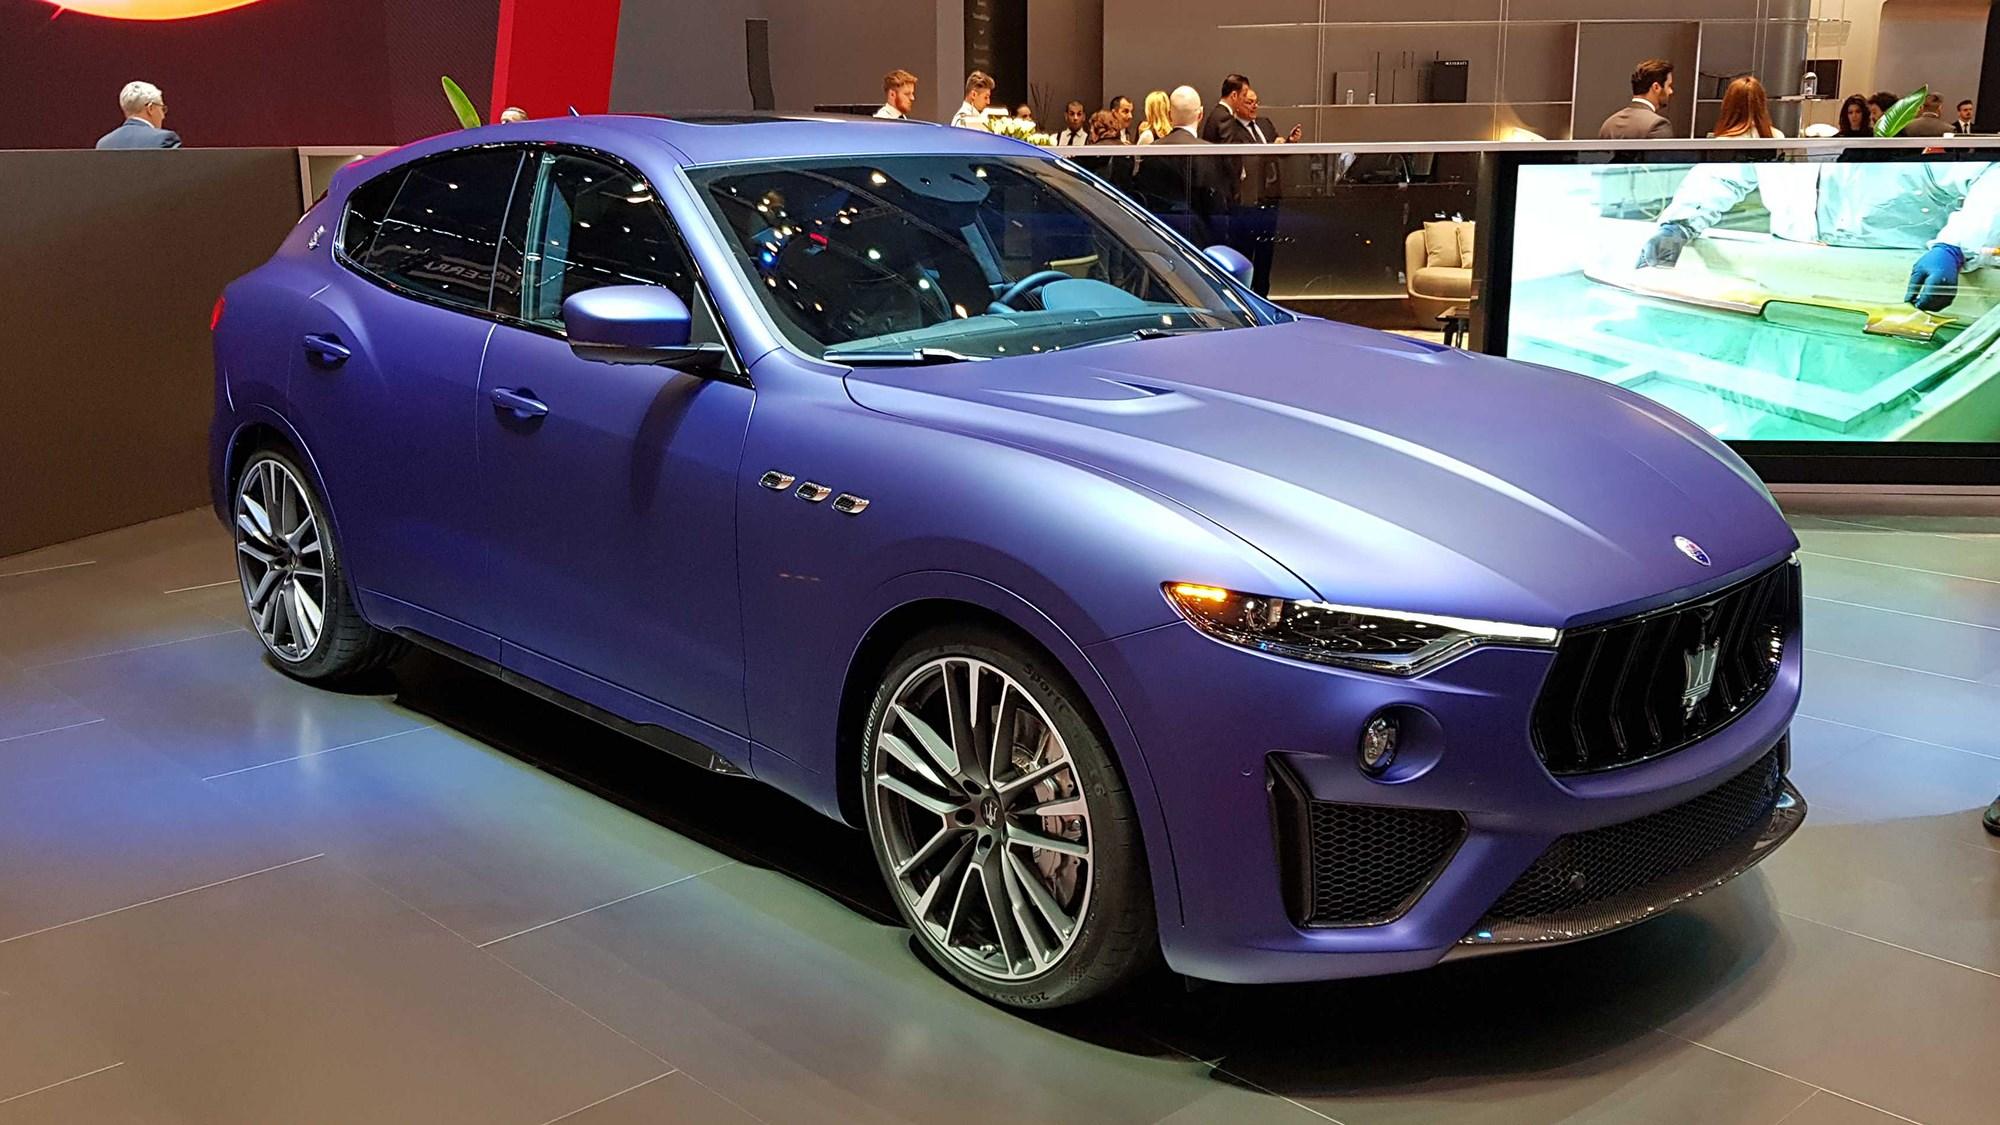 Maserati Levante Trofeo: V8 SUV Roars In